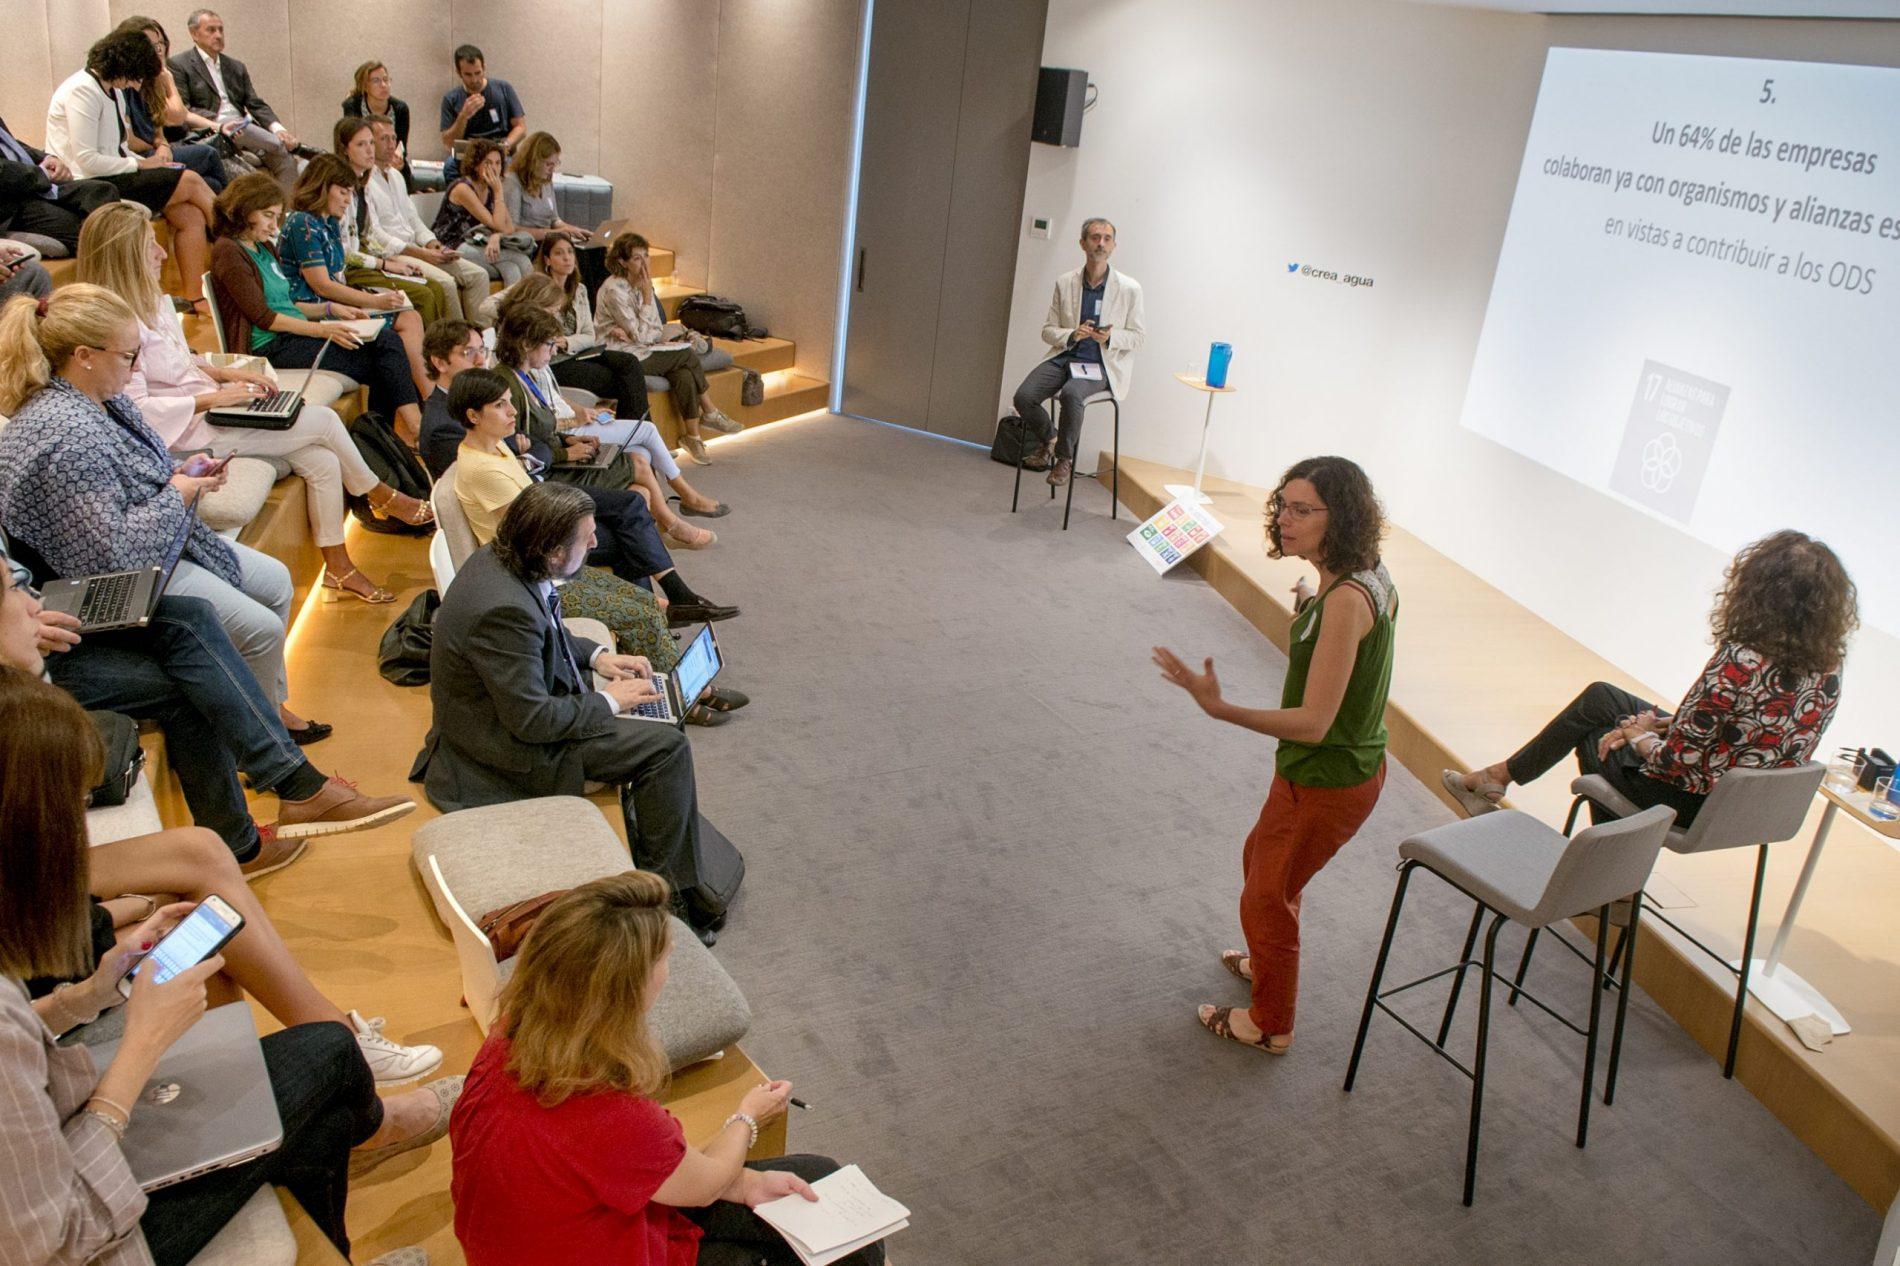 Respon.cat i DIRSE promouen la integració els ODS en la gestió empresarial en el tercer aniversari de l'Agenda de Desenvolupament Sostenible